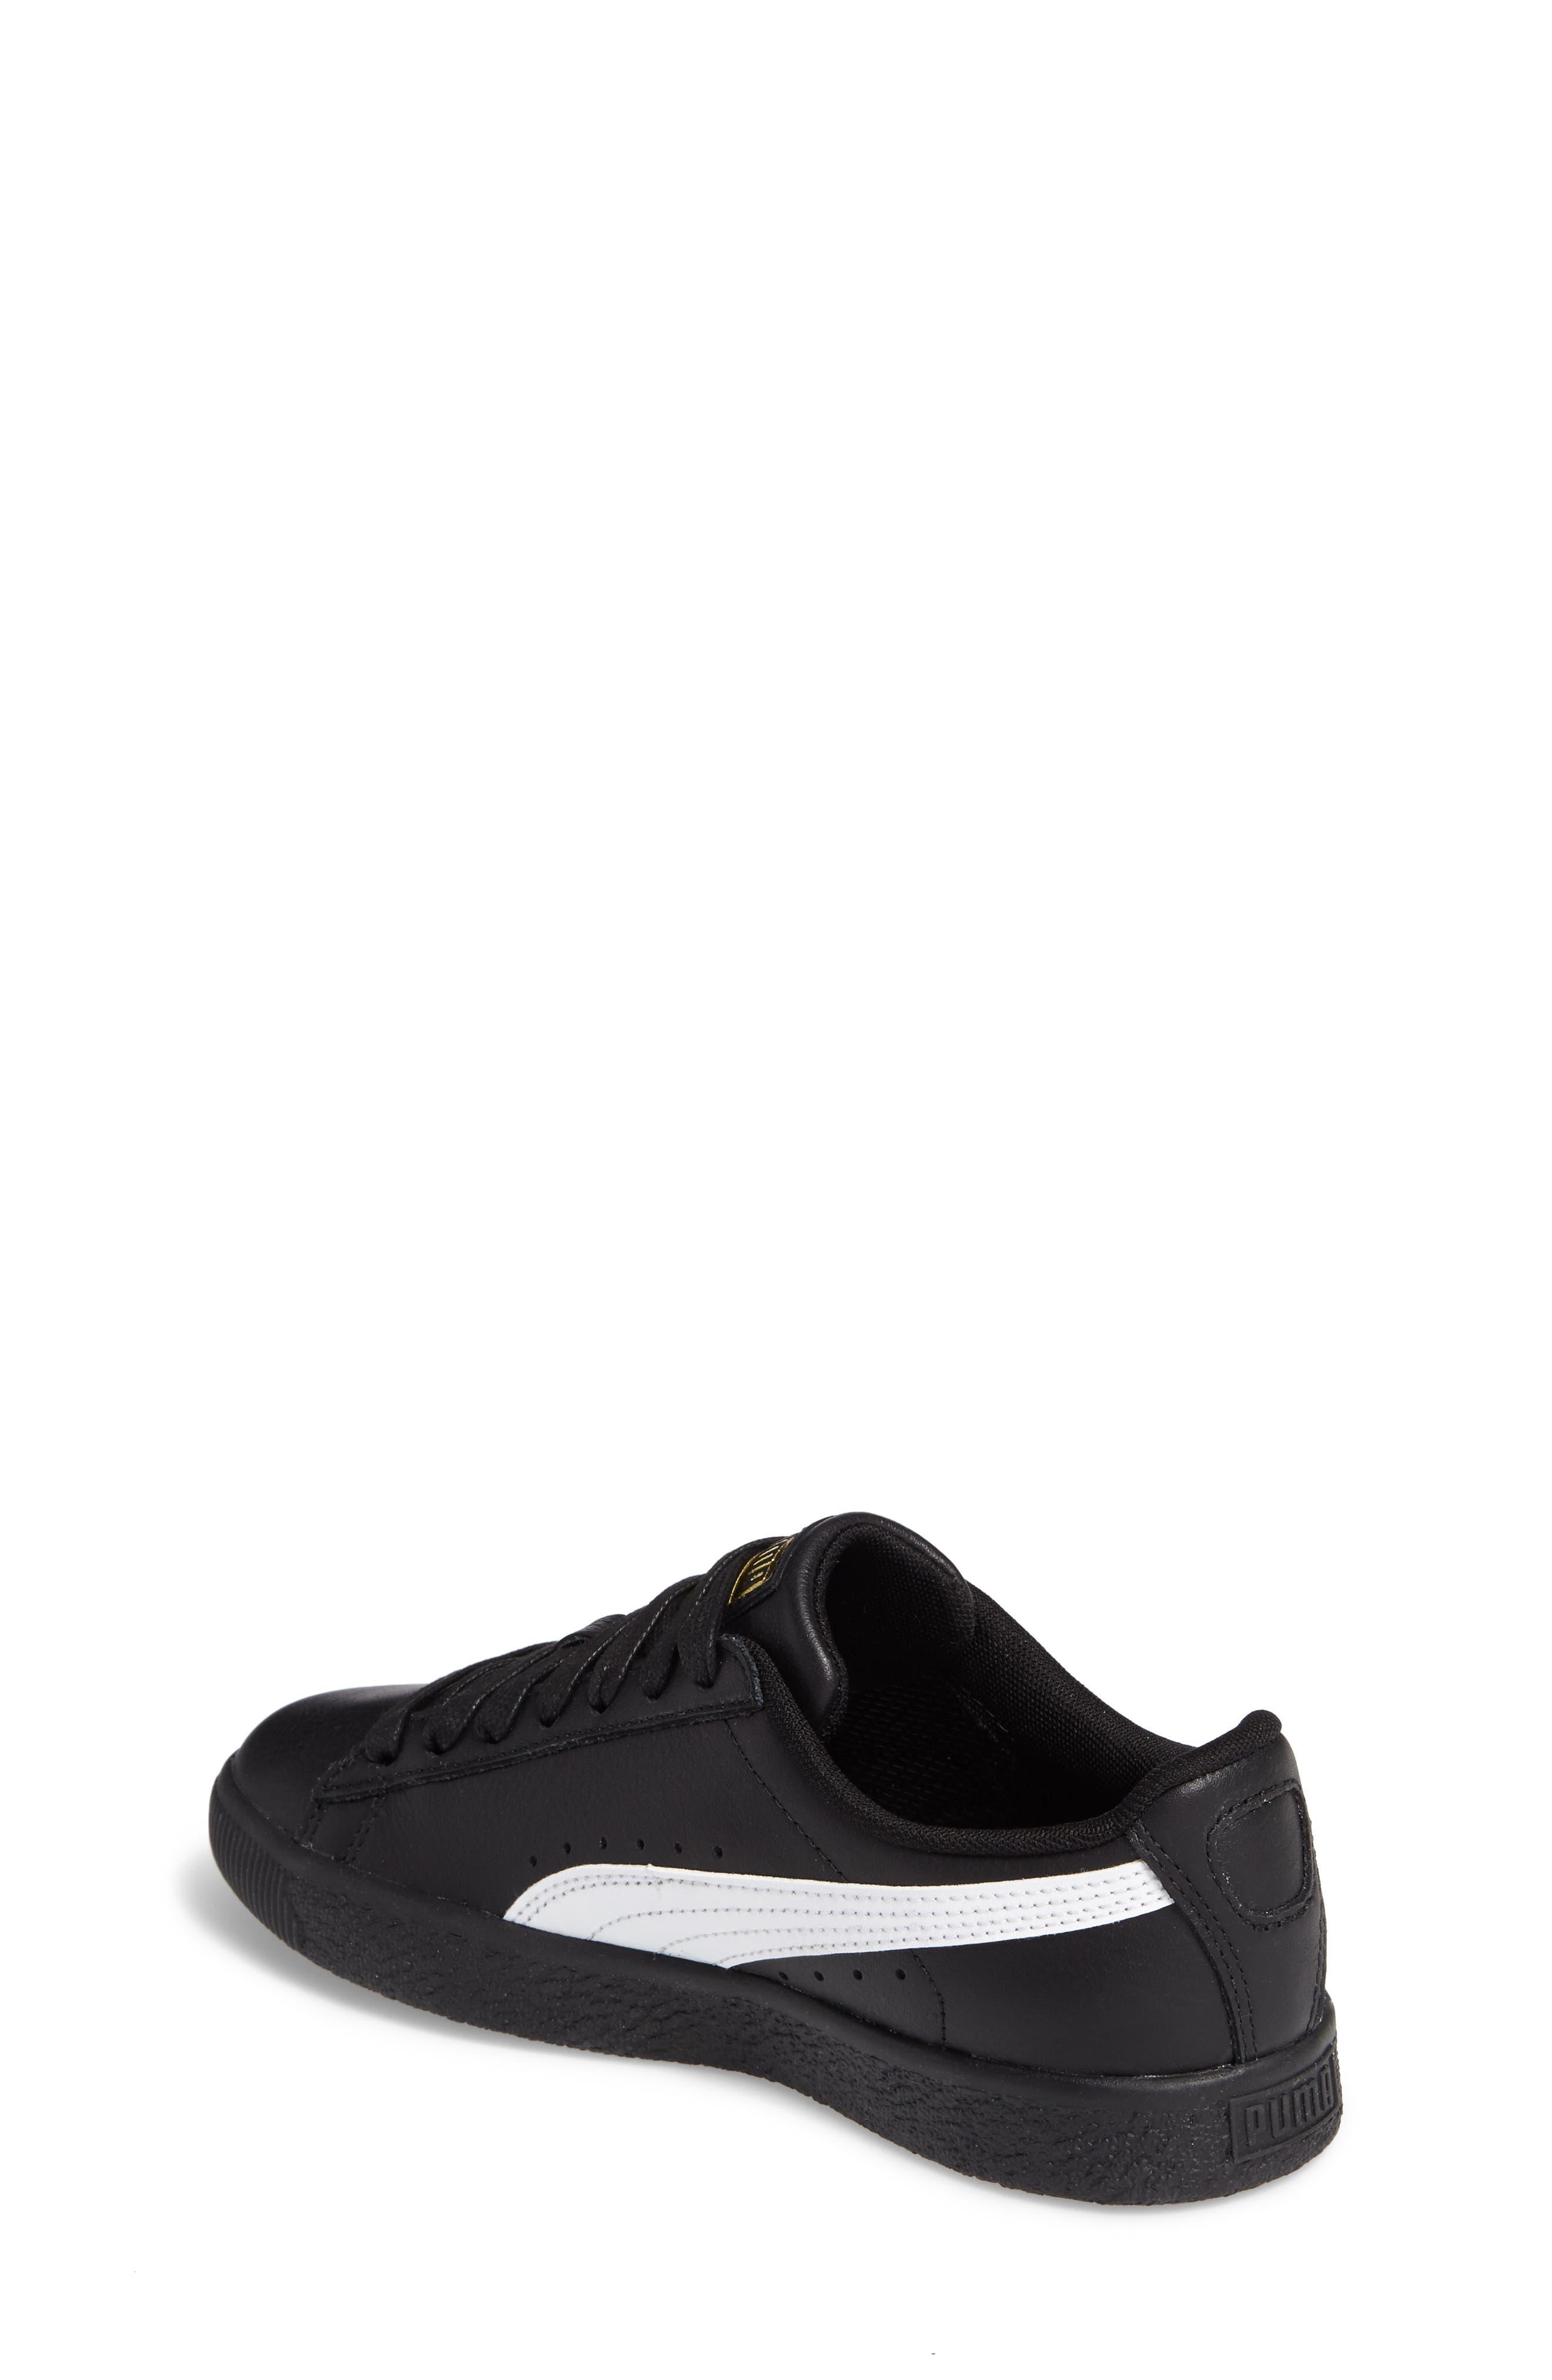 Clyde Core Foil Sneaker,                             Alternate thumbnail 2, color,                             001